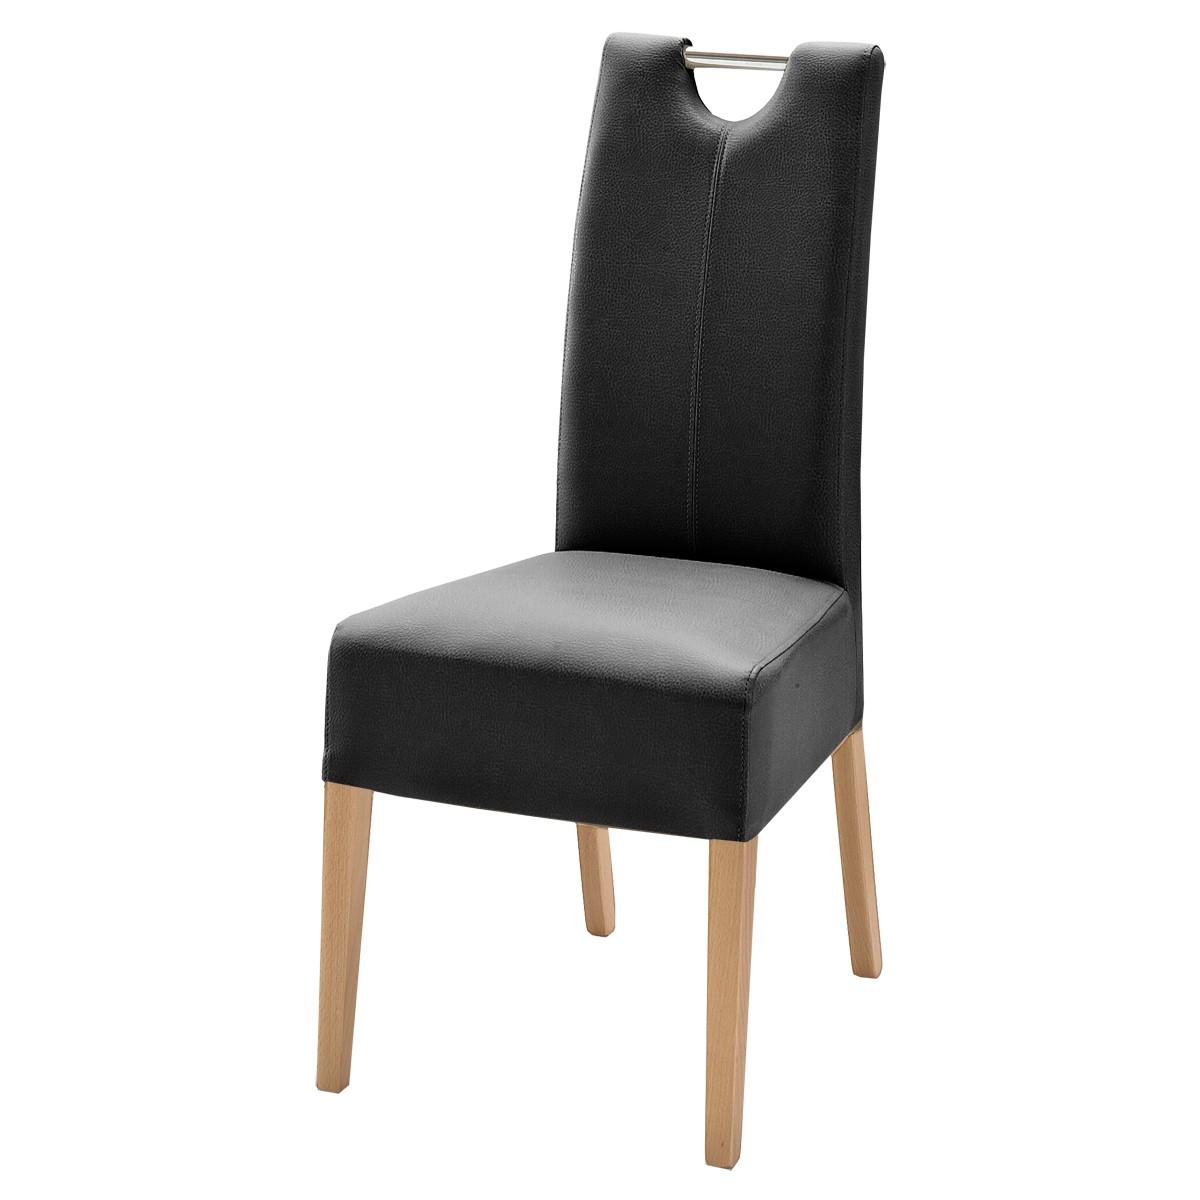 polsterstuhl malambo 2er set in kunstleder schwarz. Black Bedroom Furniture Sets. Home Design Ideas